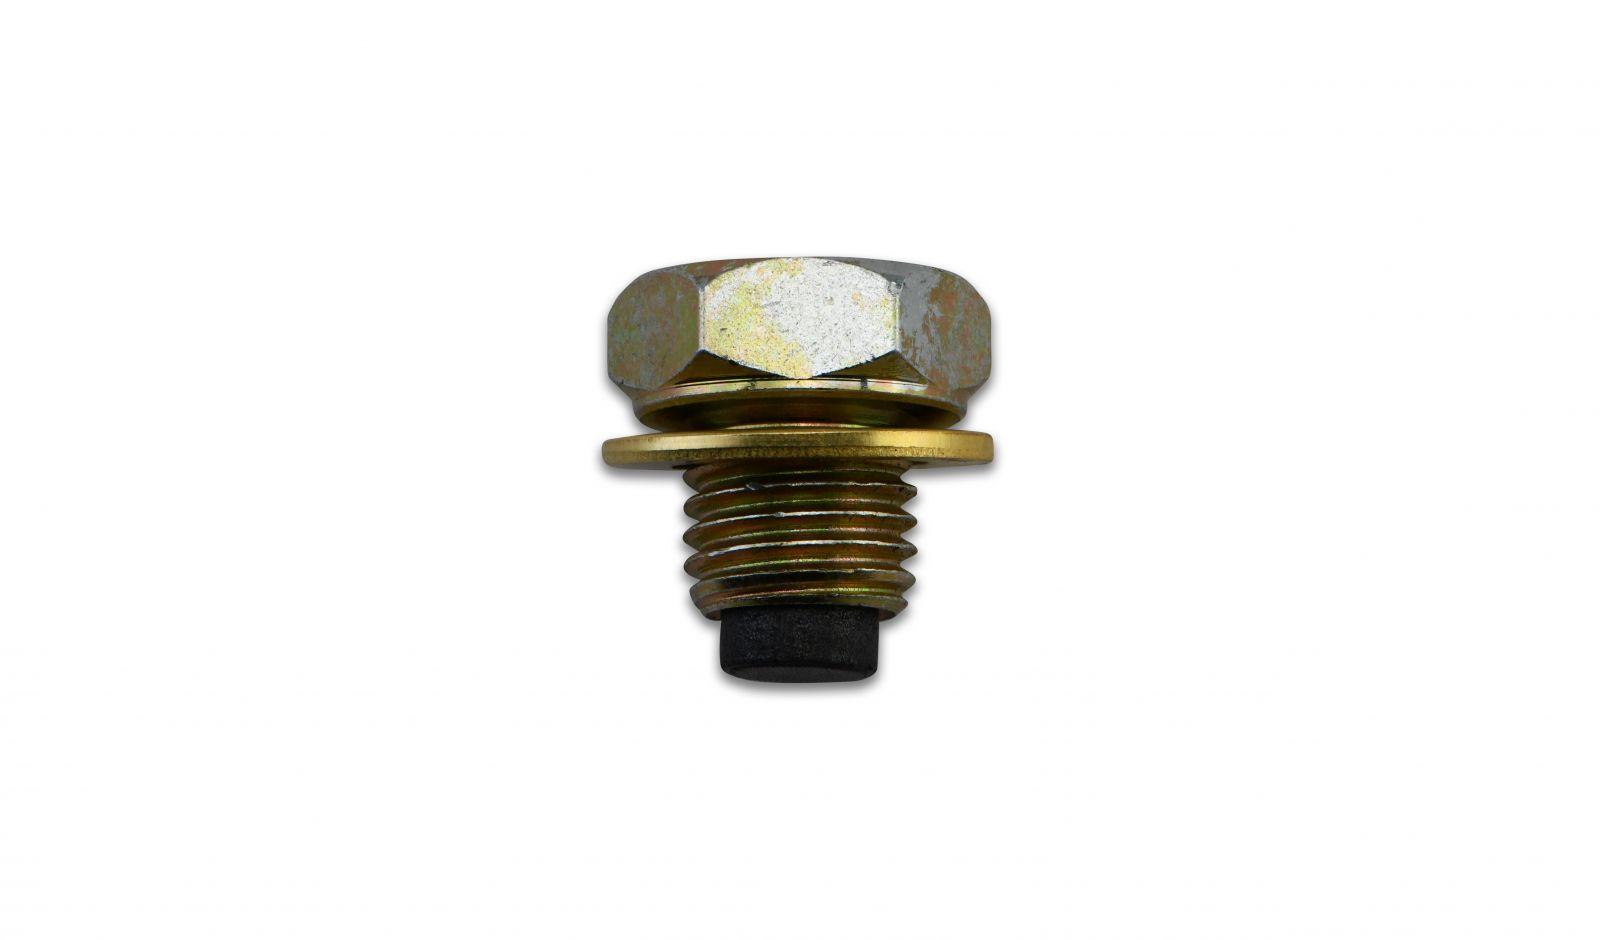 sump bolts - 654112H image